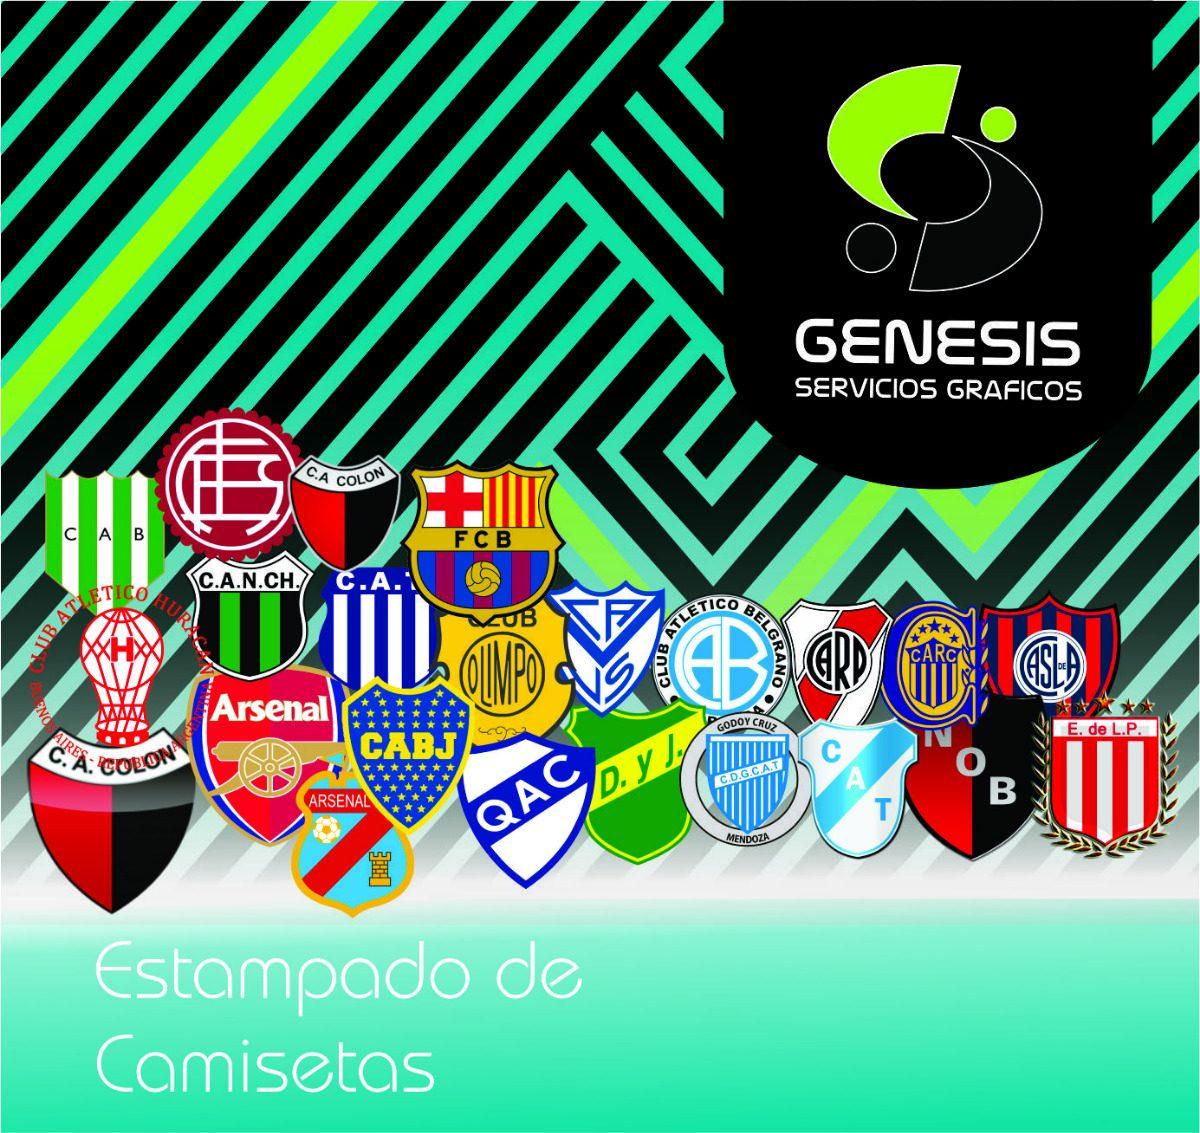 Estampado De Número - Nombre - Equipo En Camisetas De Fútbol -   120 ... 8307dbd8a2164